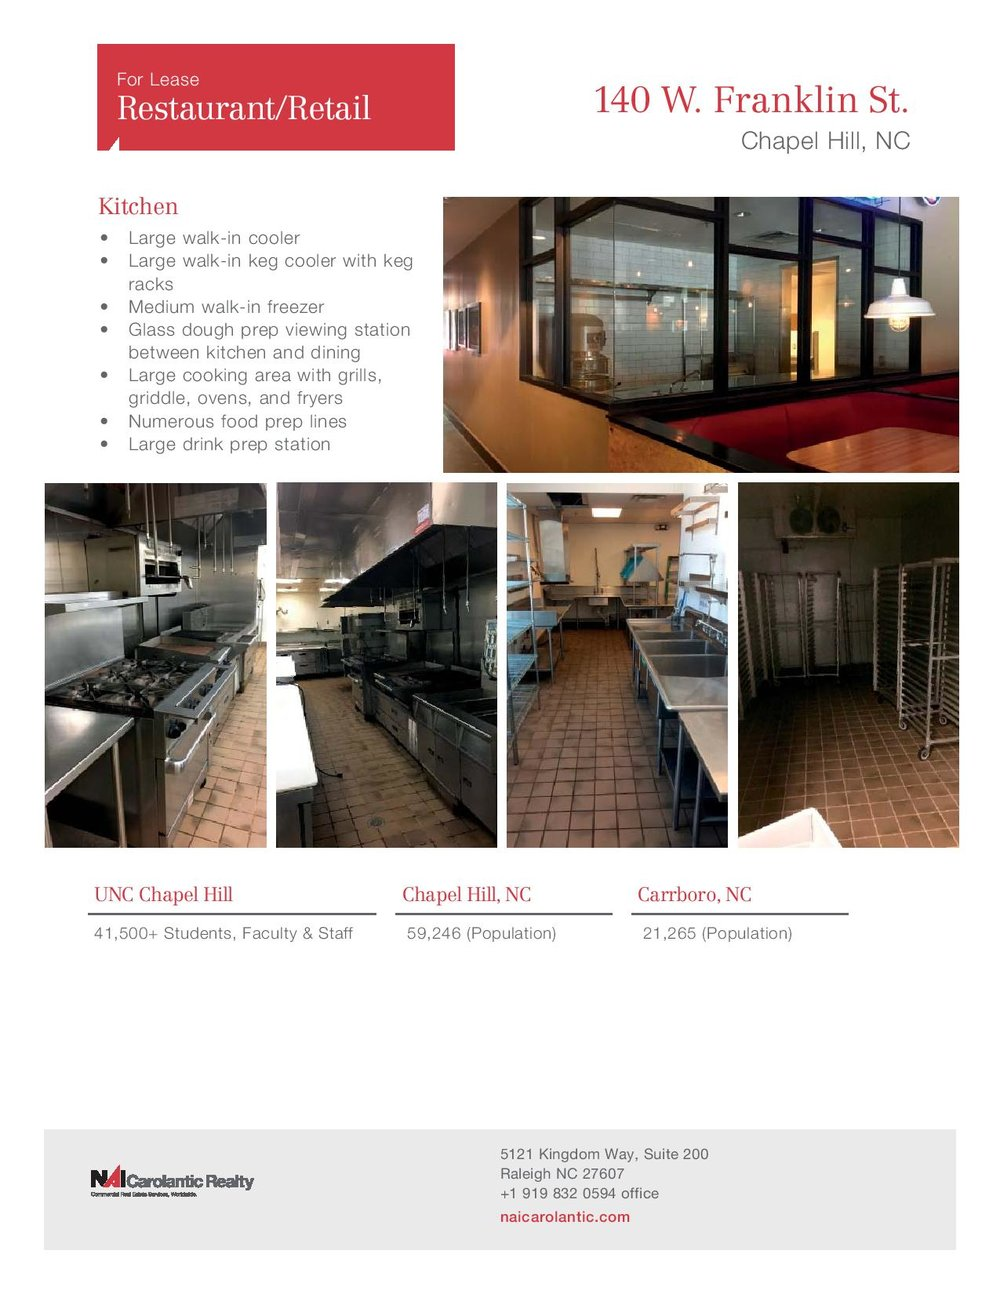 ChapelHill-140WFranklinSt (2)-page-003.jpg